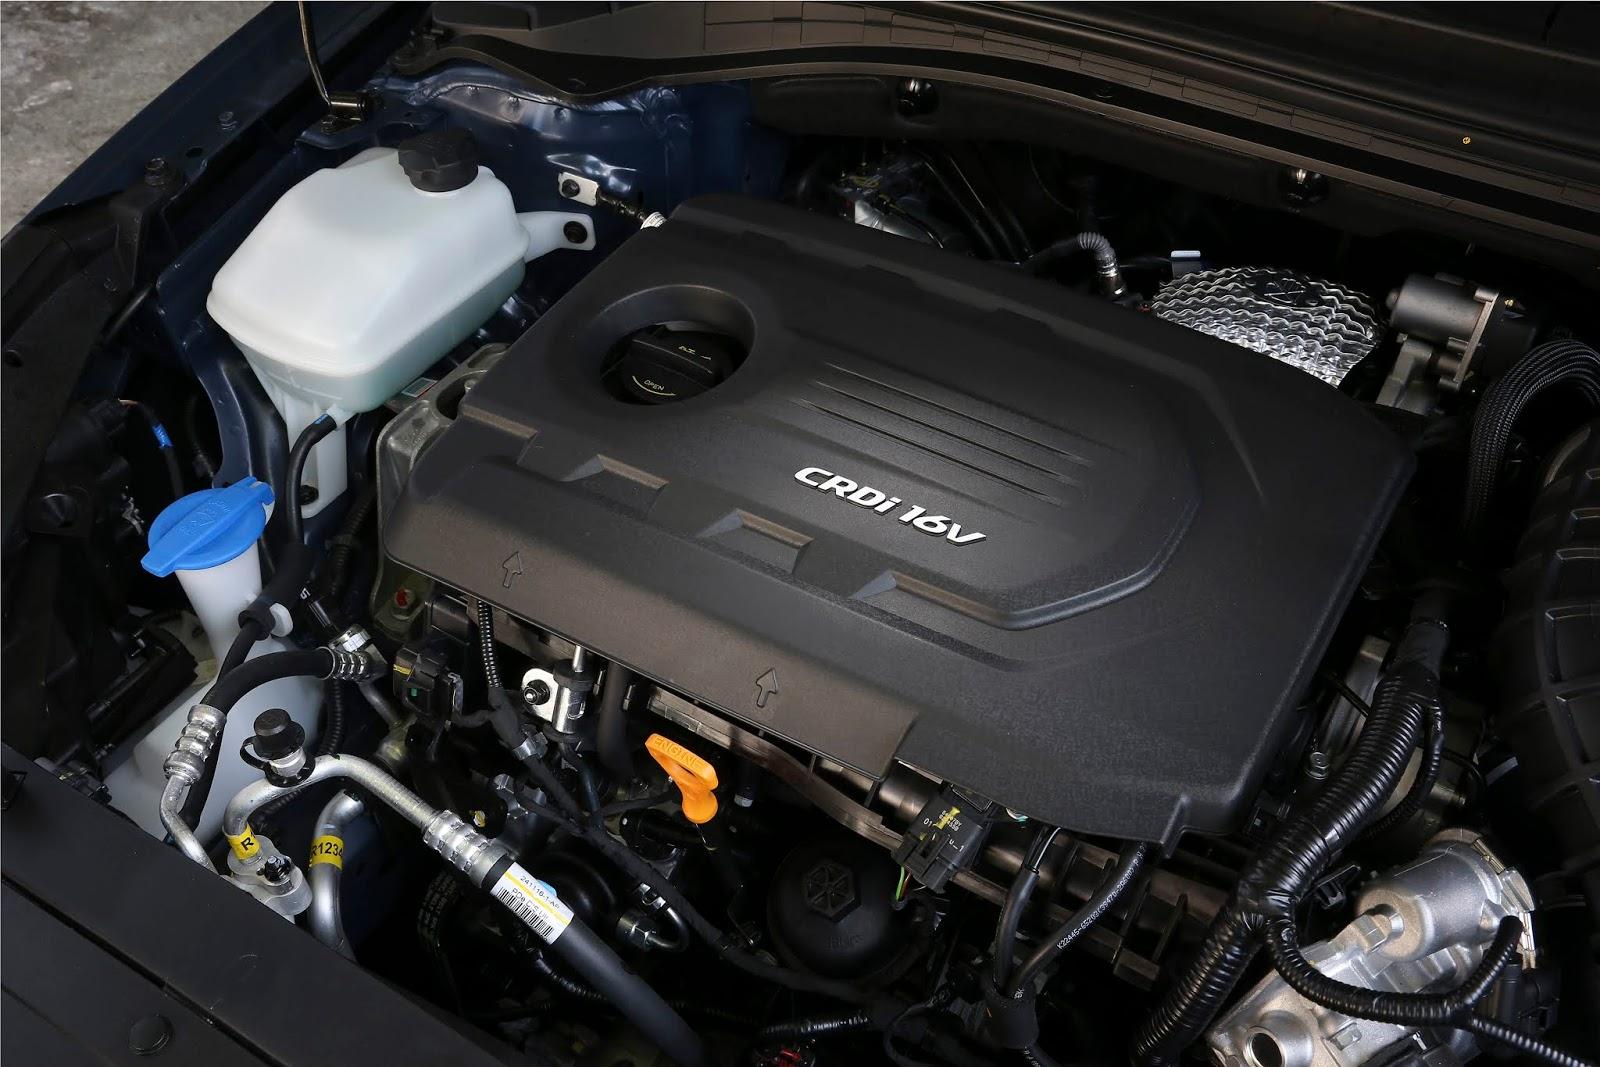 new generation i30 engine 1 hires Για πρώτη φορά σε έκδοση N Line το Hyundai i30 Hyundai, Hyundai i30, ειδήσεις, καινούργιο, καινούρια, καινούριο